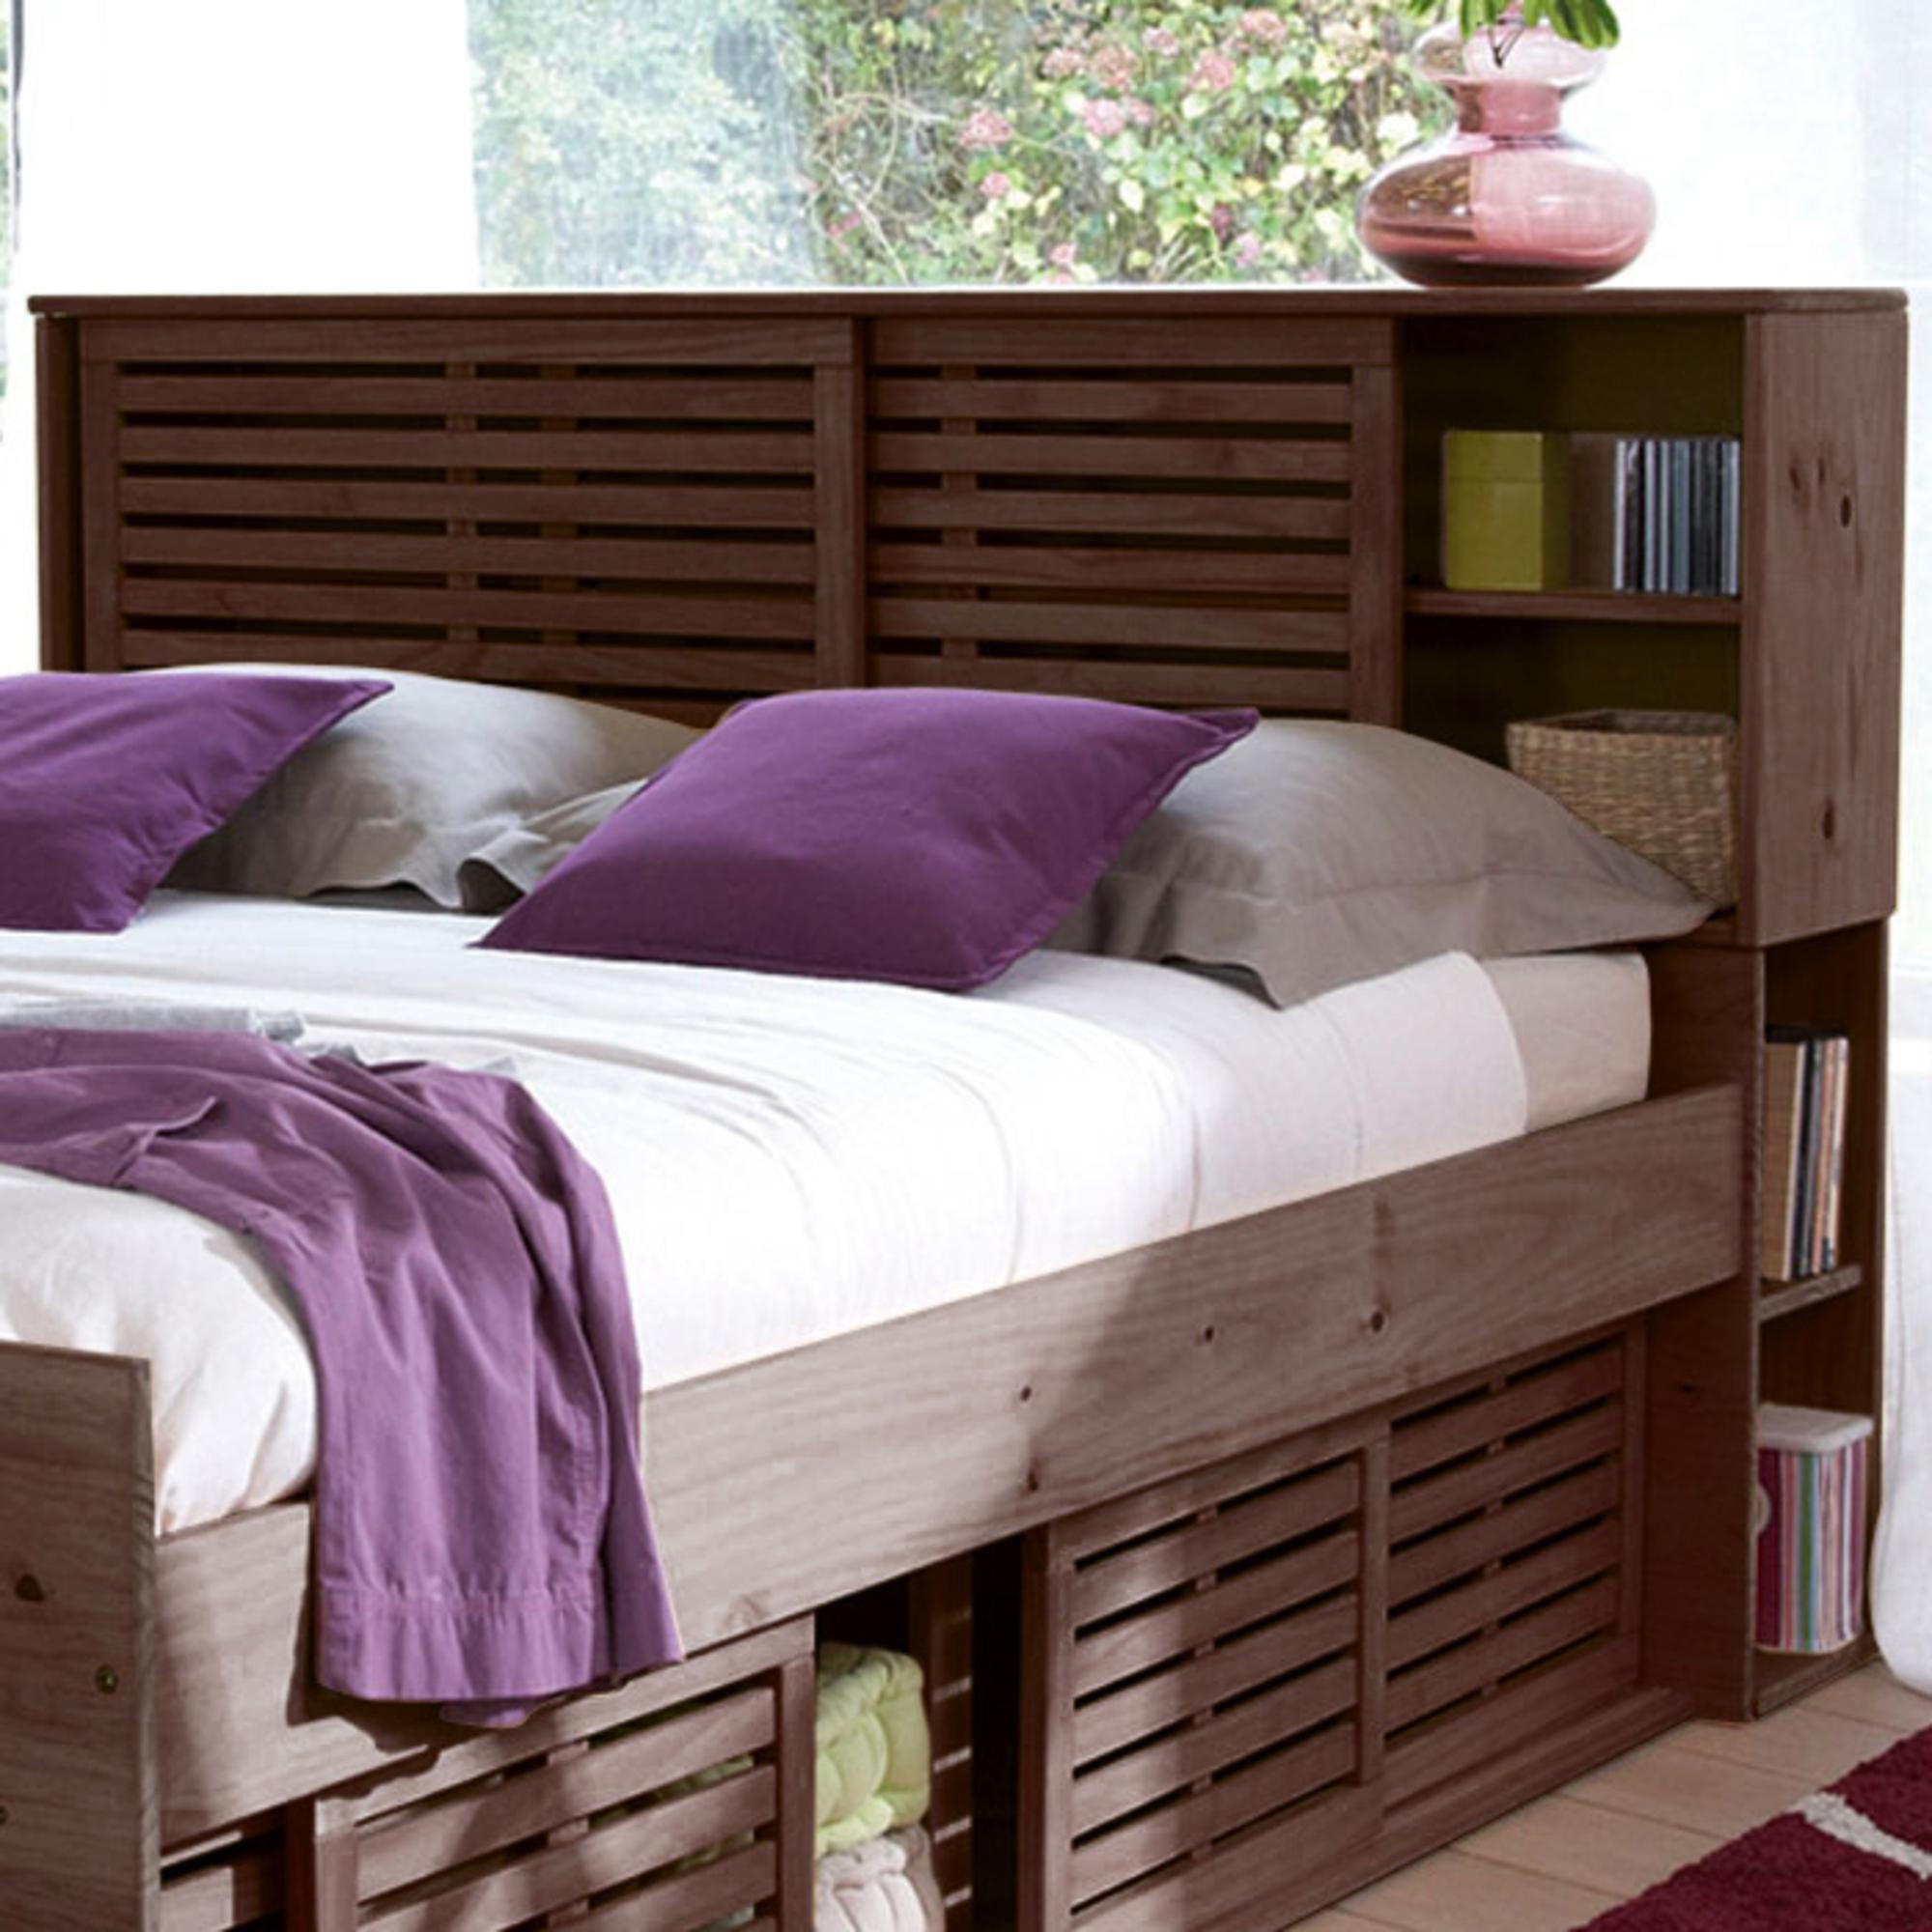 t te de lit pour lit 160 x 200 cm mistral weng anniversaire 40 ans acheter ce produit au. Black Bedroom Furniture Sets. Home Design Ideas